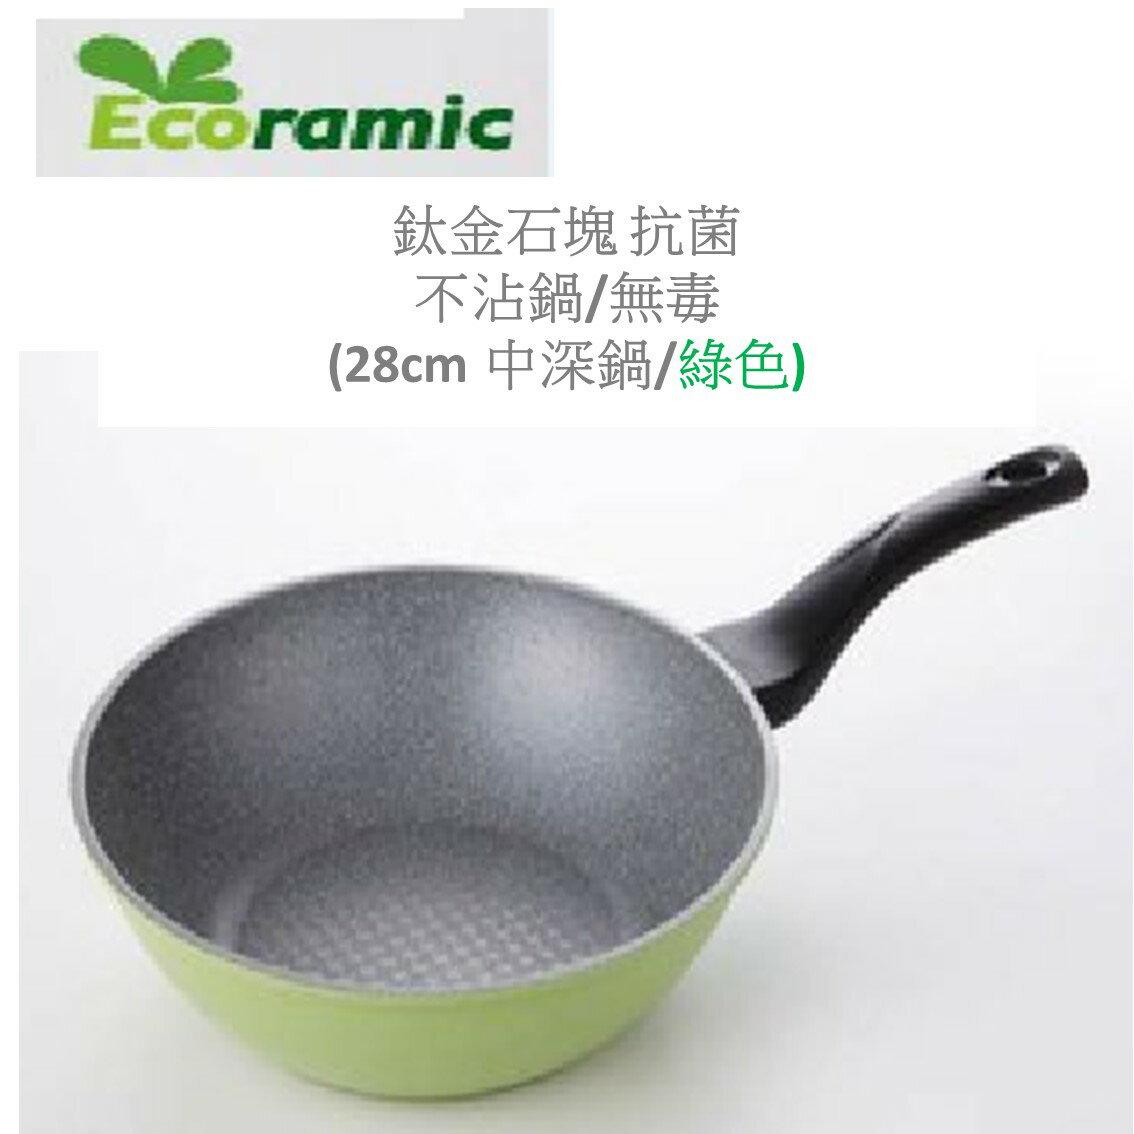 【現貨】韓國Ecoramic鈦晶石頭抗菌不沾鍋 平底鍋28cm(無附鍋蓋) 中深鍋 綠色【樂活生活館】